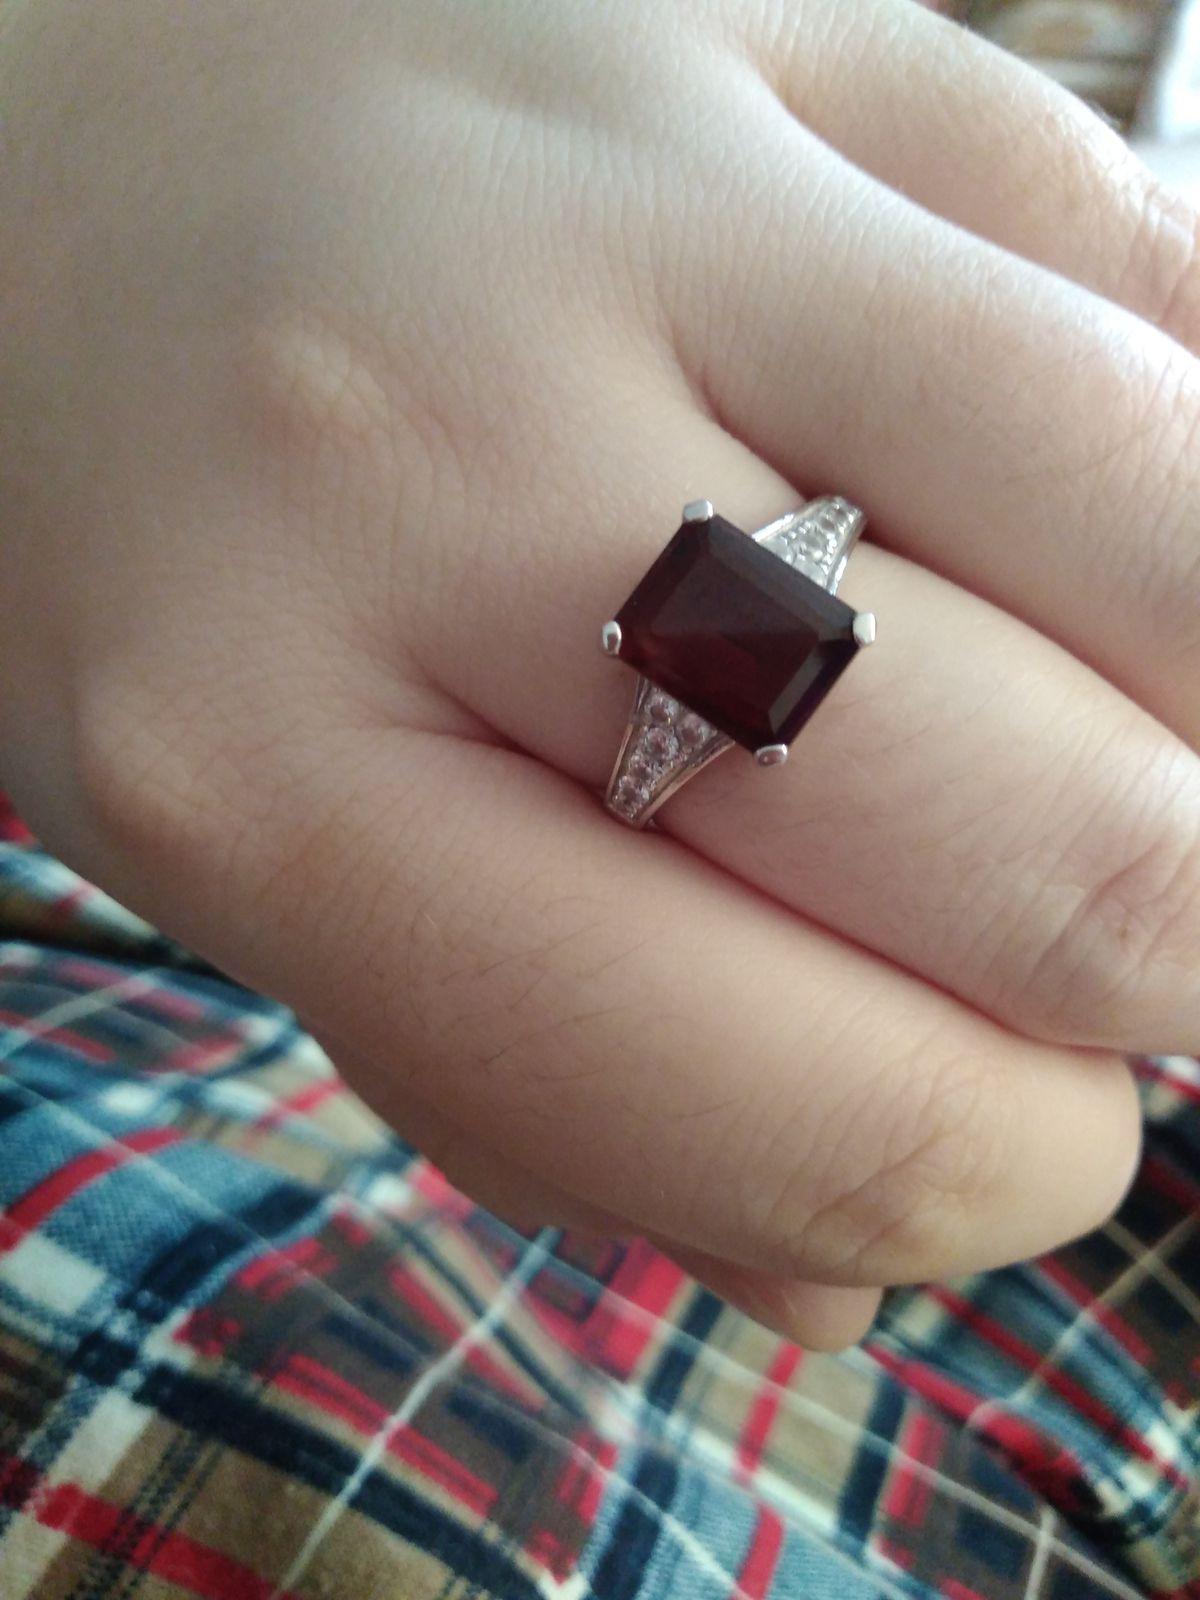 Кольцо с гранатом, очень понравилось! на пальчике смотрится очень изящно.